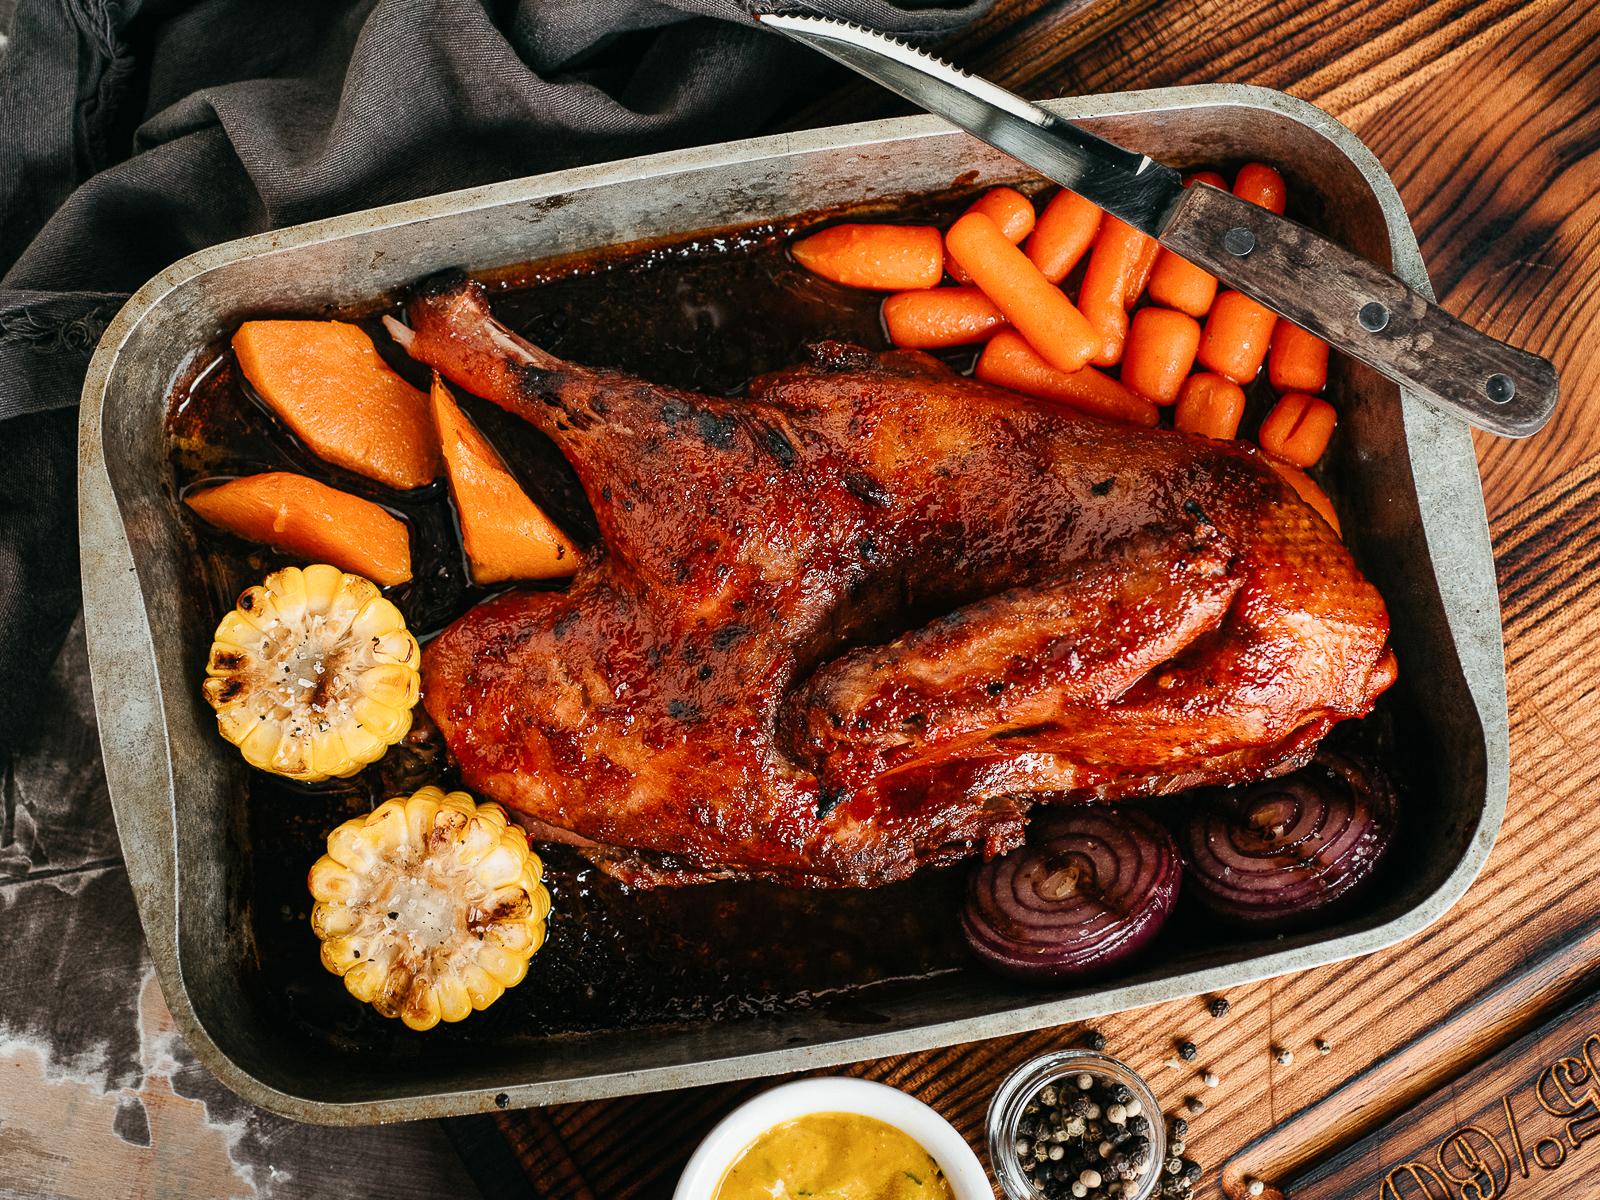 Томлёная утка с азиатским барбекю и печеными овощами